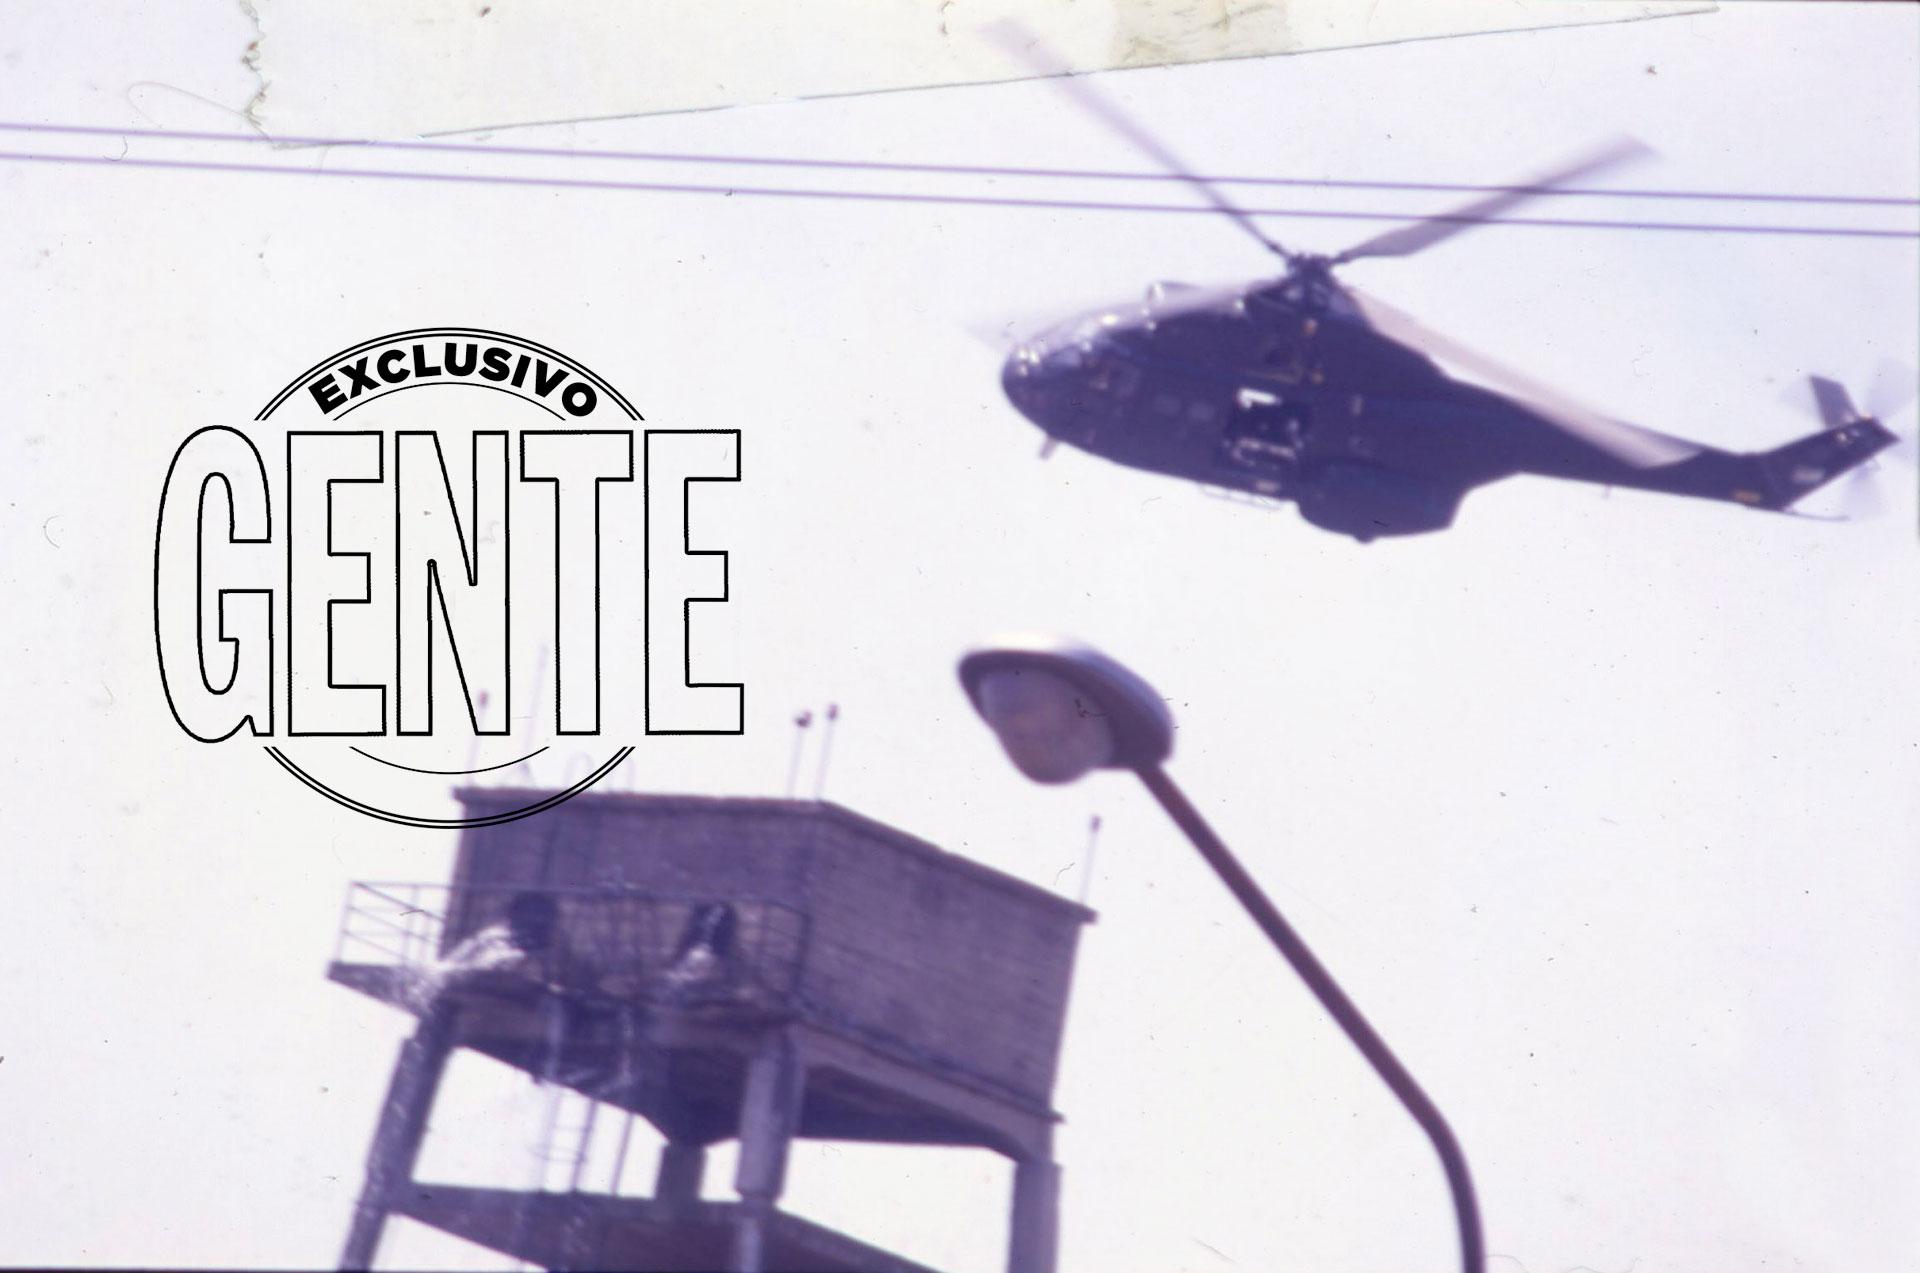 Un helicóptero sobrevoló los monoblocks del humilde barrio que estaba cruzando el Camino de Cintura, en búsqueda de francotiradores.